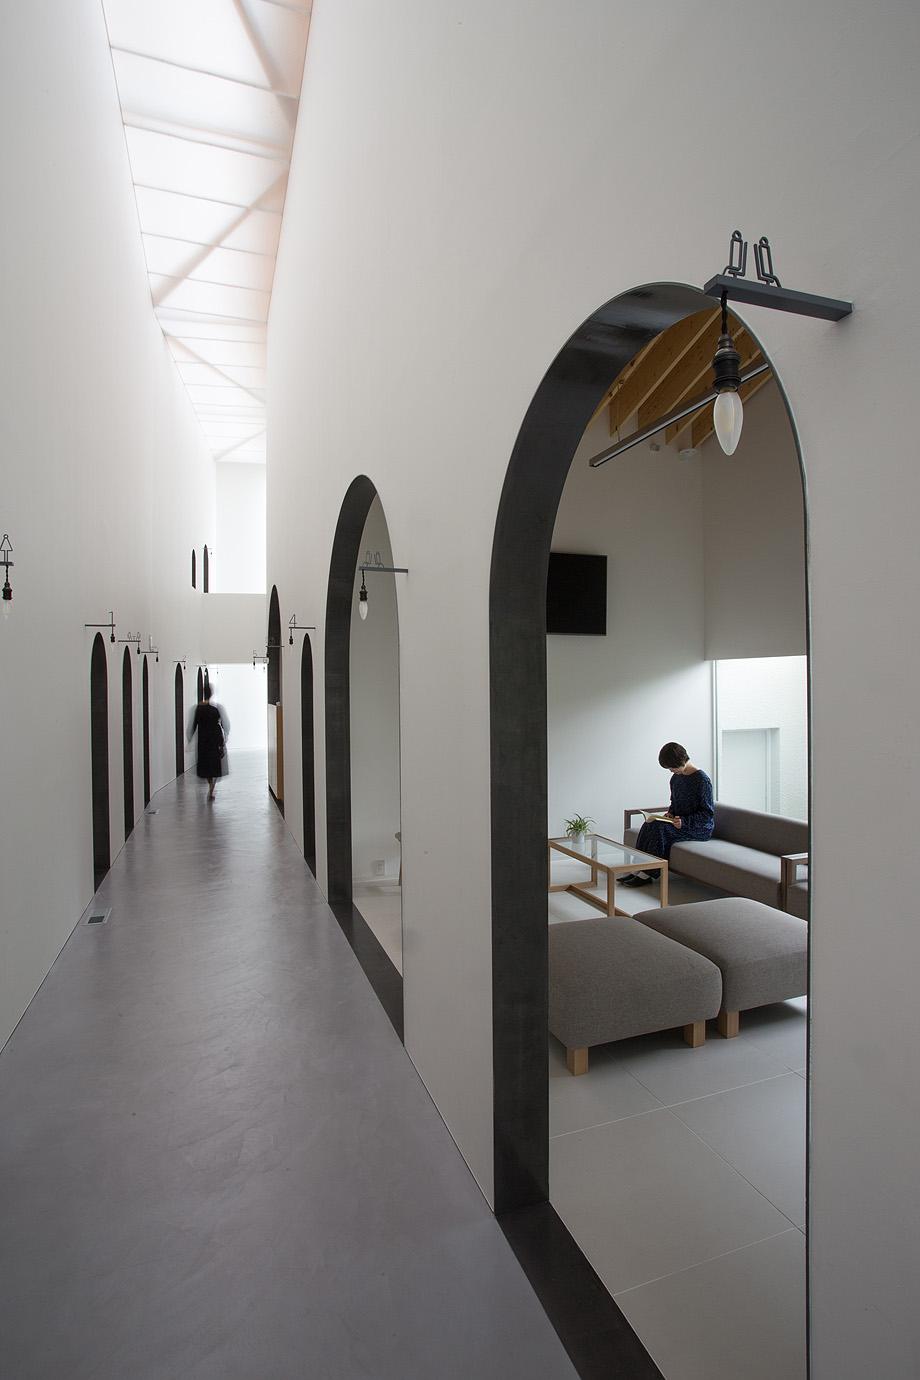 clínica dental nk de 1-1 architects - foto 1-1 architects (2)